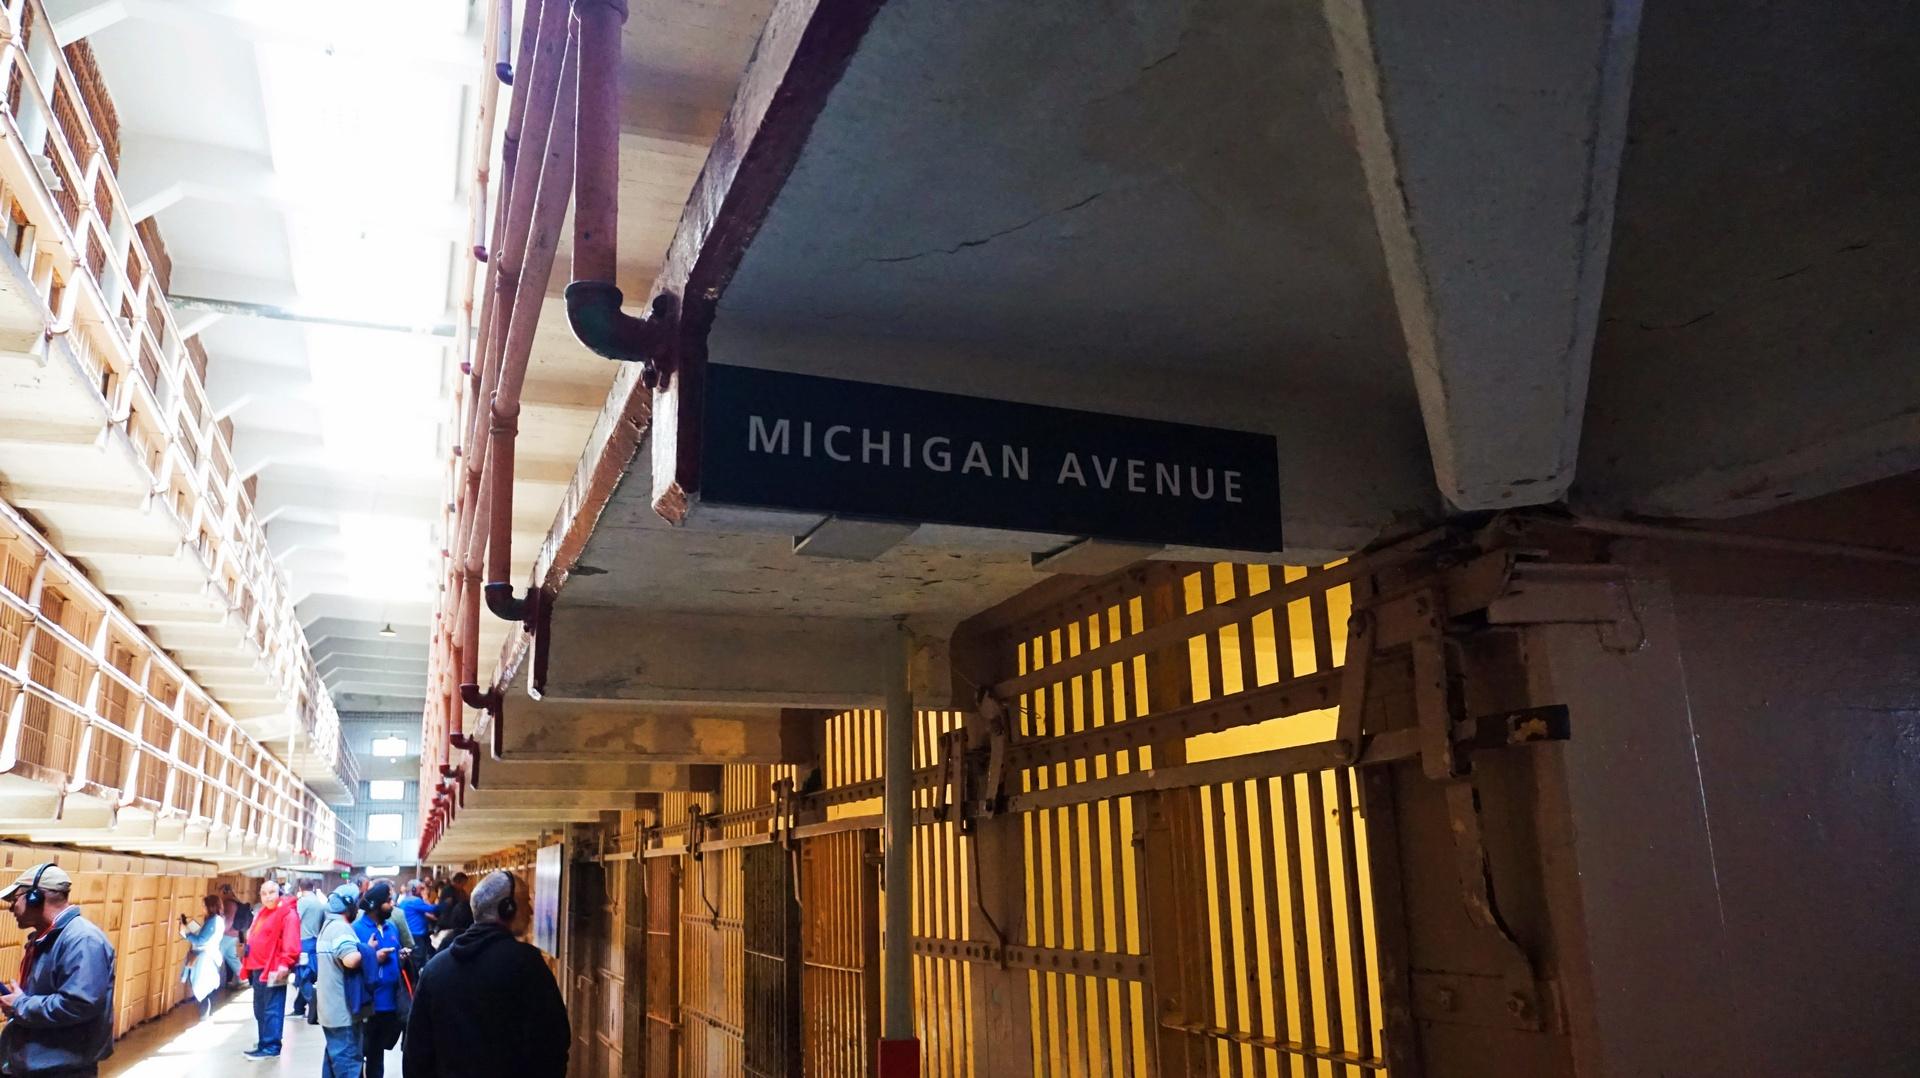 Nazwane Michigan Avenue korytarze w więzieniu Alcatraz, San Francisco, USA | Sway the way